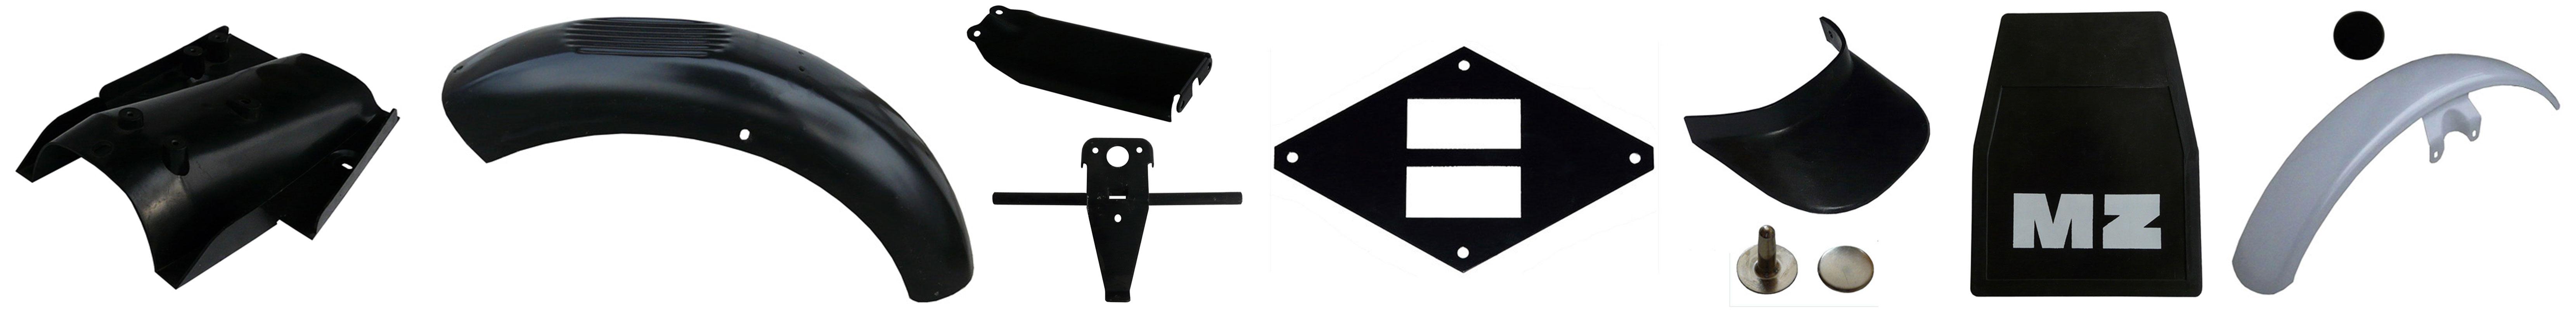 MZ ETZ 250 Ersatzteile Schutzbleche Kotflügel